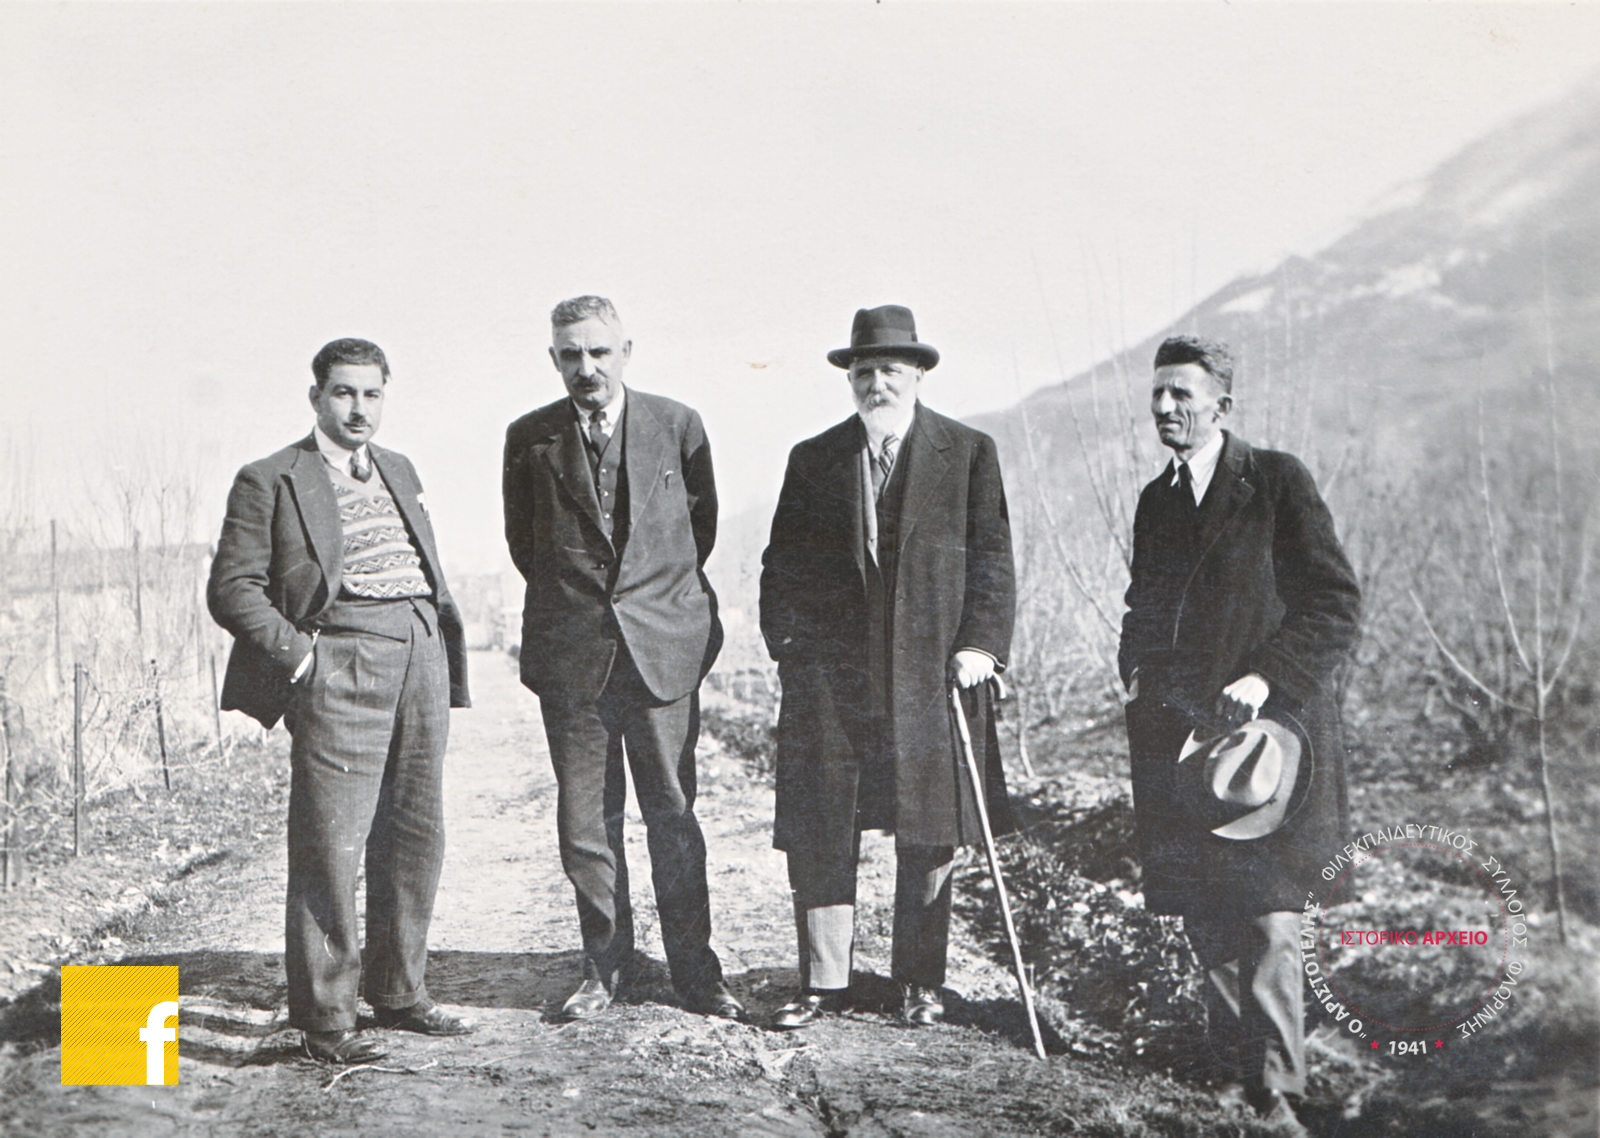 Βασίλειος Μπάλκος (1874-1943) - Ο Πρεβεζάνος Νομάρχης Φλωρίνης